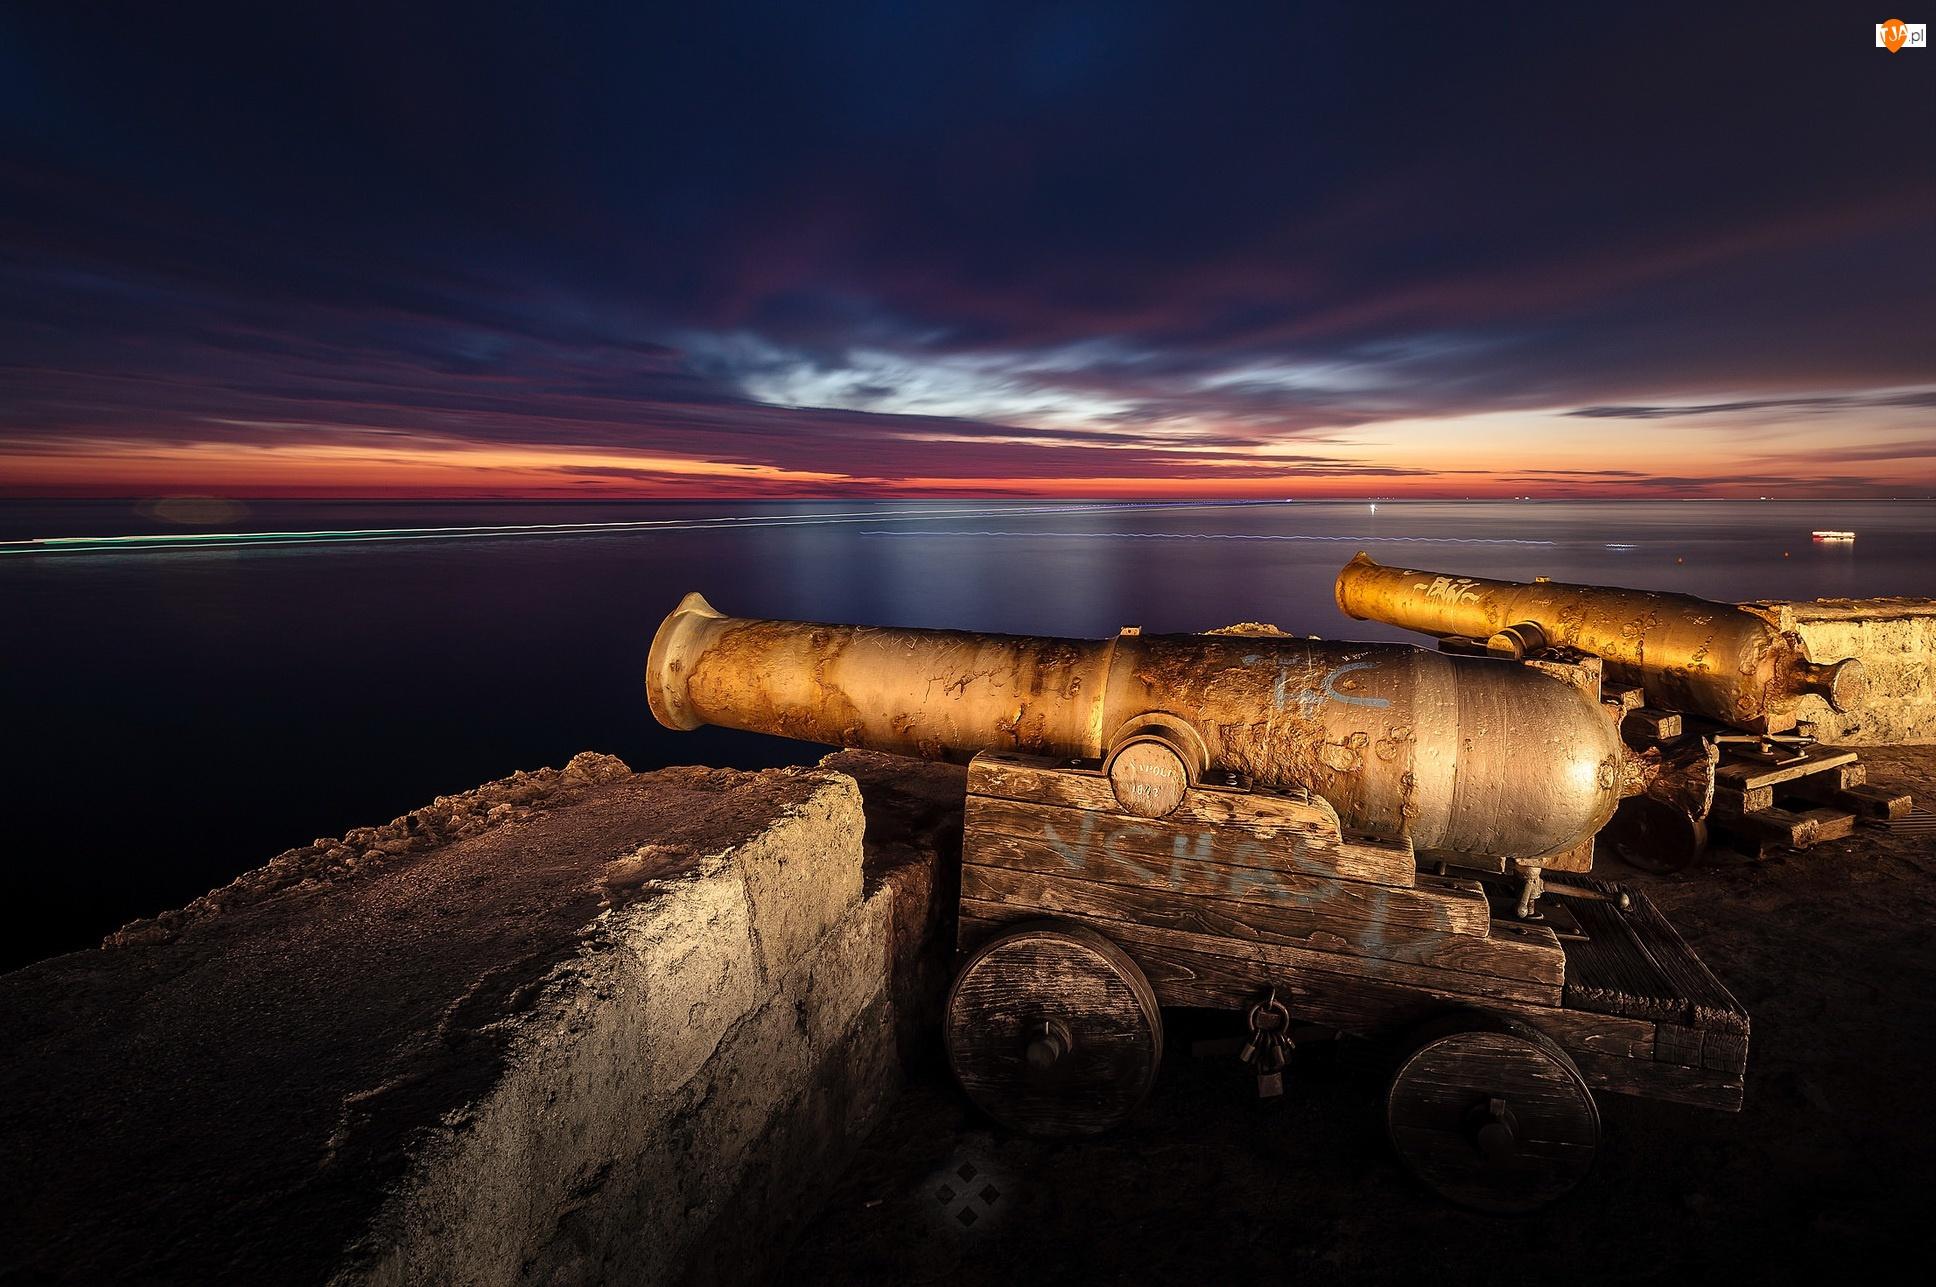 Zamek, Fort, Miejscowość Monopoli, Armaty, Region Apulia, Mury obronne, Włochy, Bastione Santa Maria, Morze Śródziemne, Castello di Monopoli